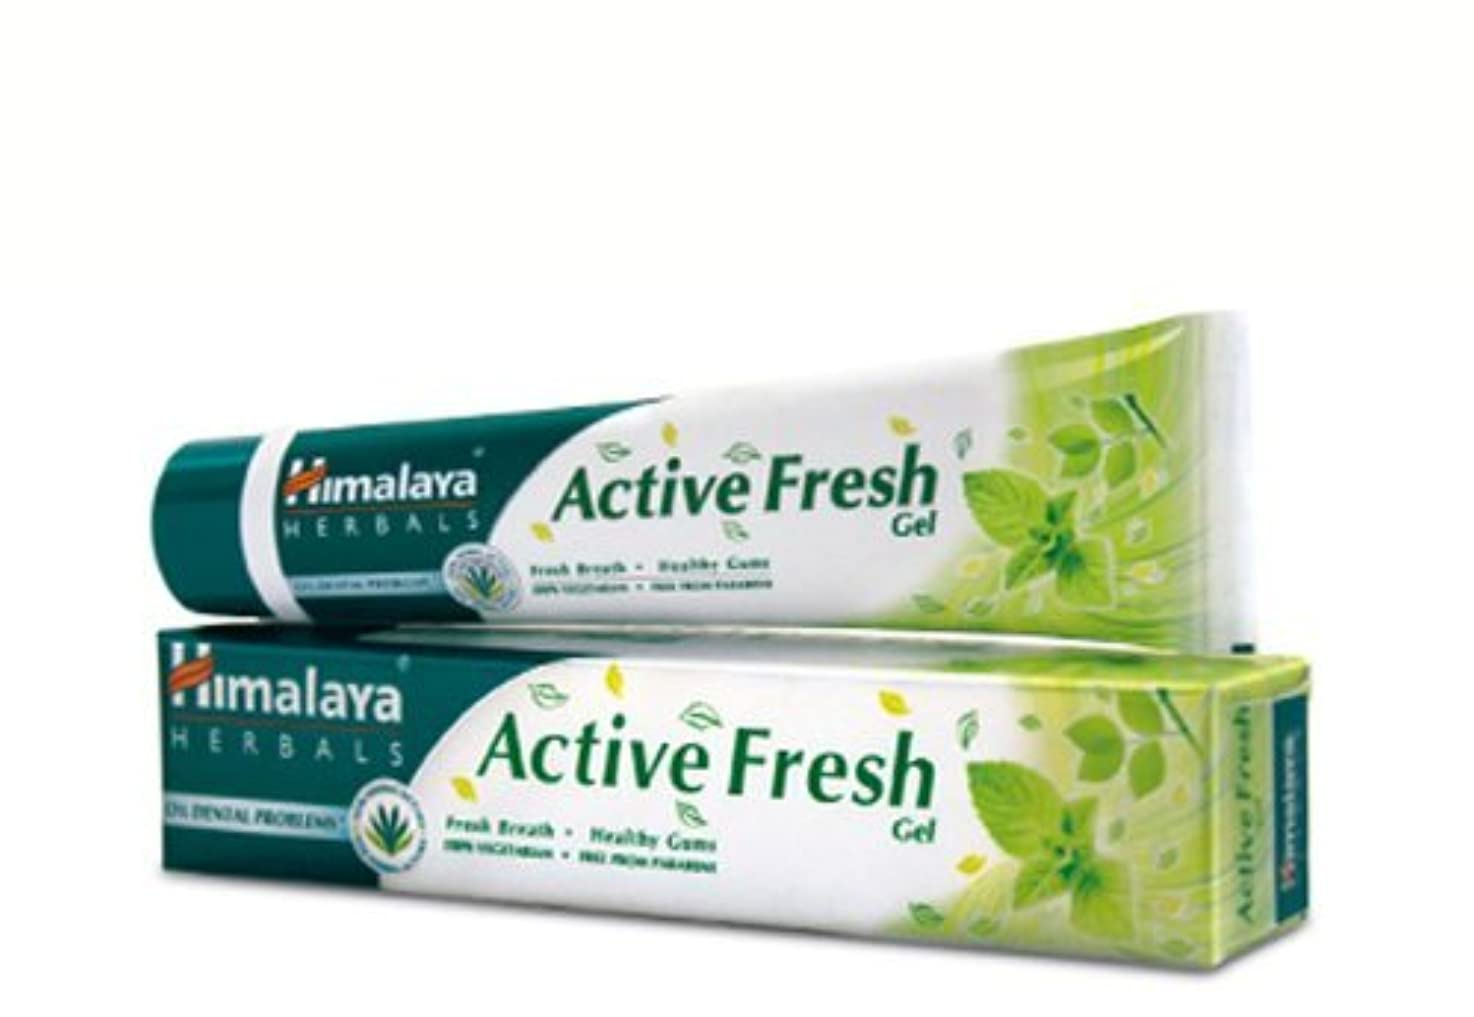 品種矢印接続されたヒマラヤ トゥースペイスト アクティブ フレッシュ(歯磨き粉)80g Himalaya Active Fresh Toothpaste